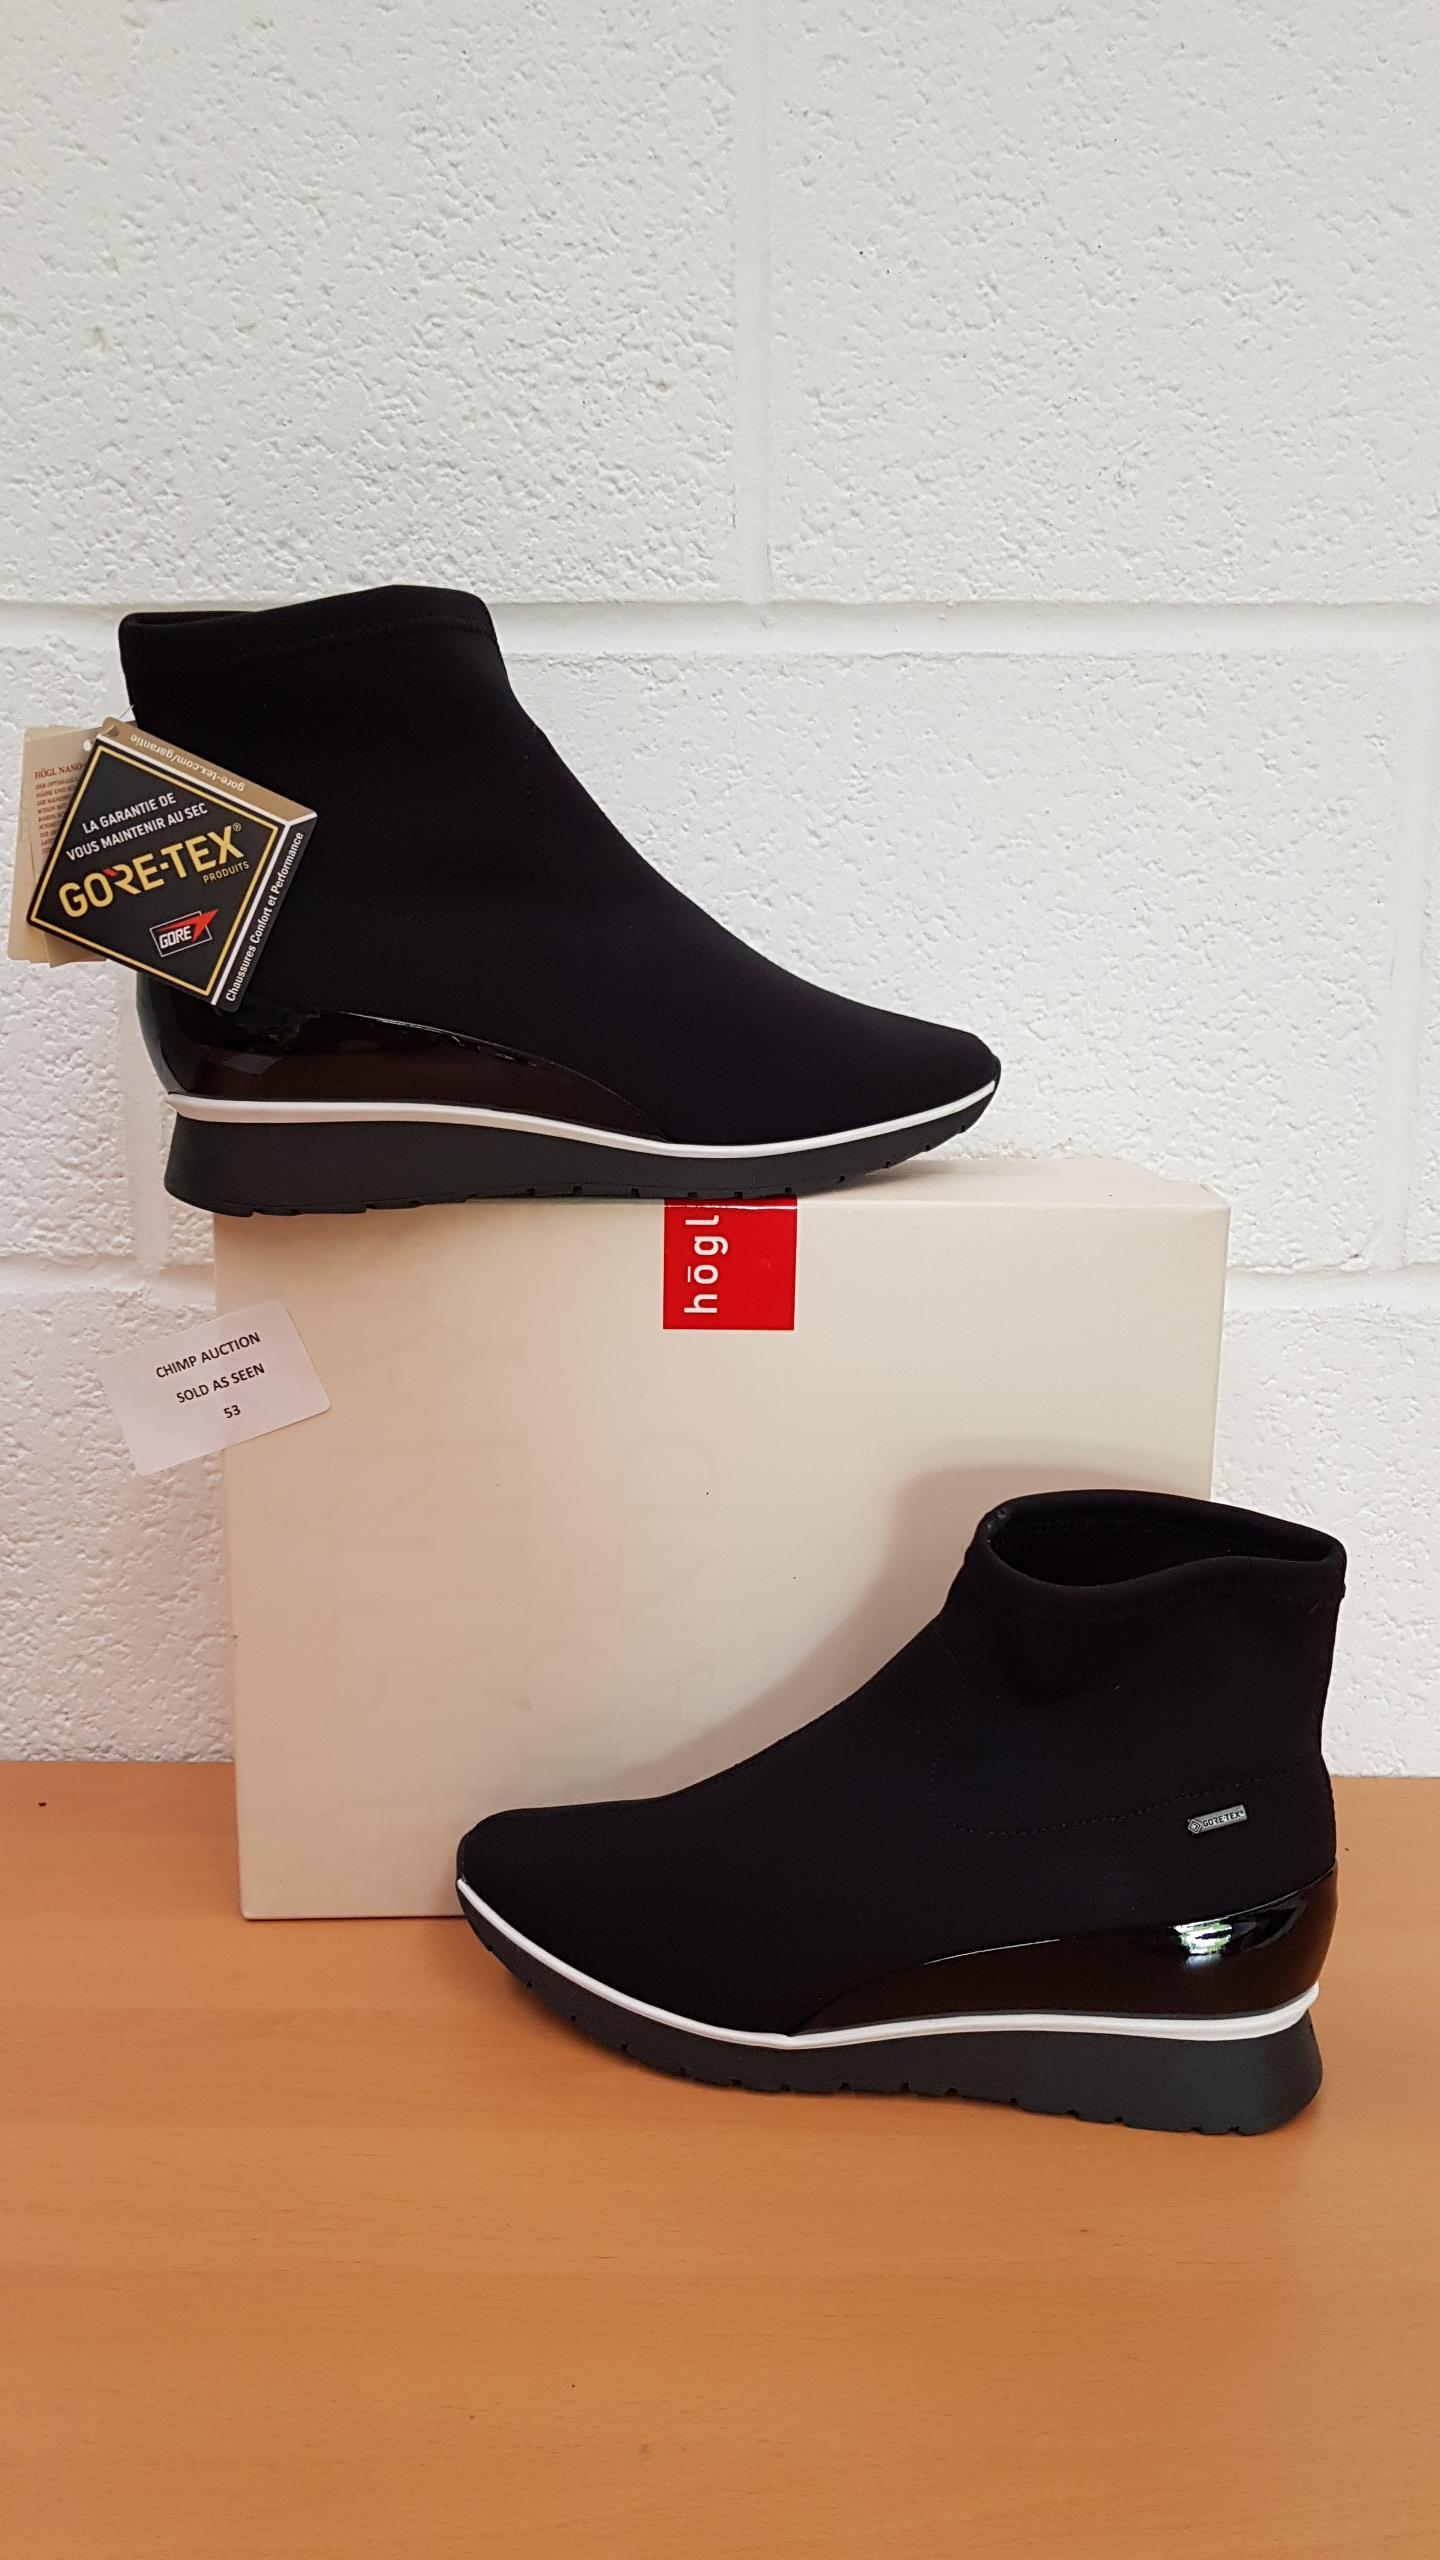 Lot 53 - Hogl Gore-Tex ladies shoes UK SIZE 5 RRP £169.99